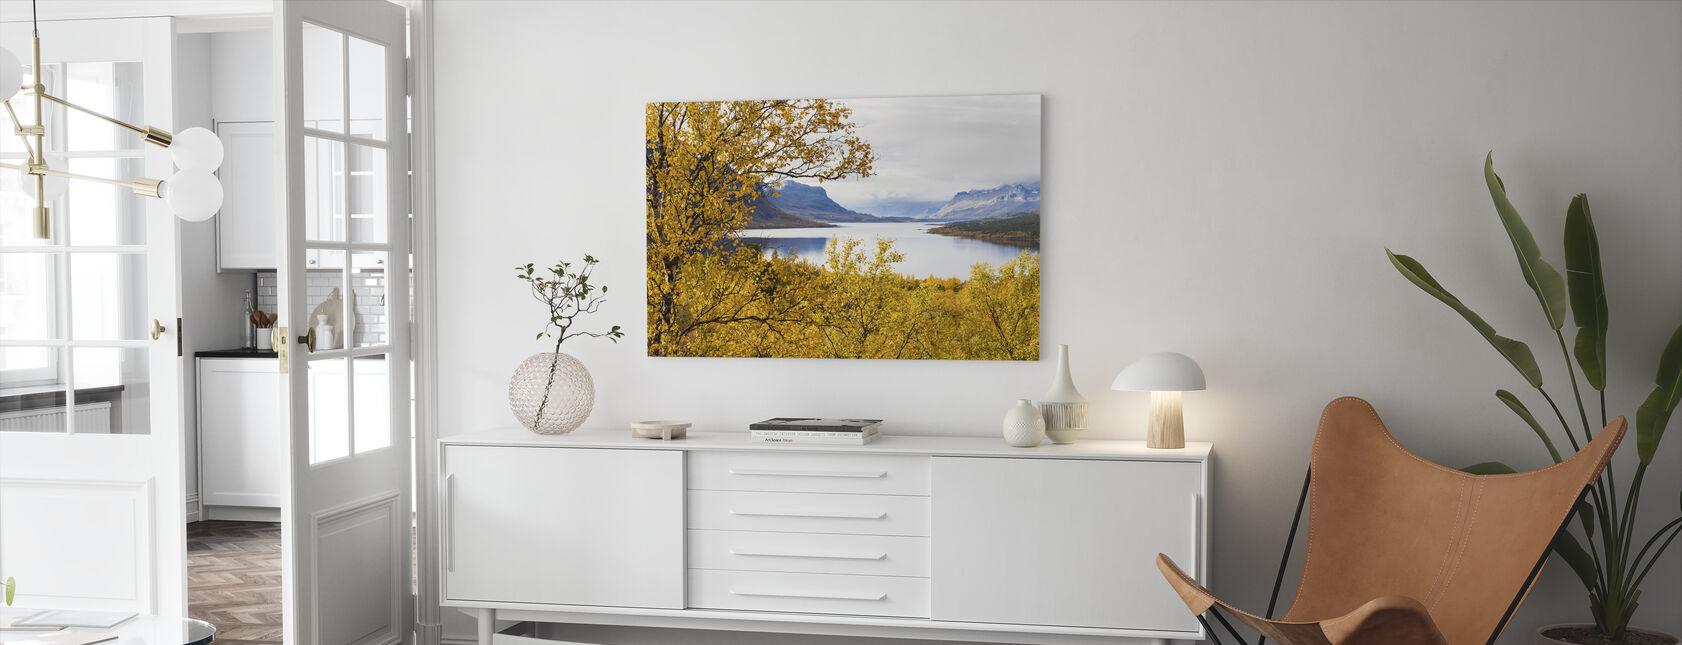 Saltoluokta Landscape - Canvastaulu - Olohuone